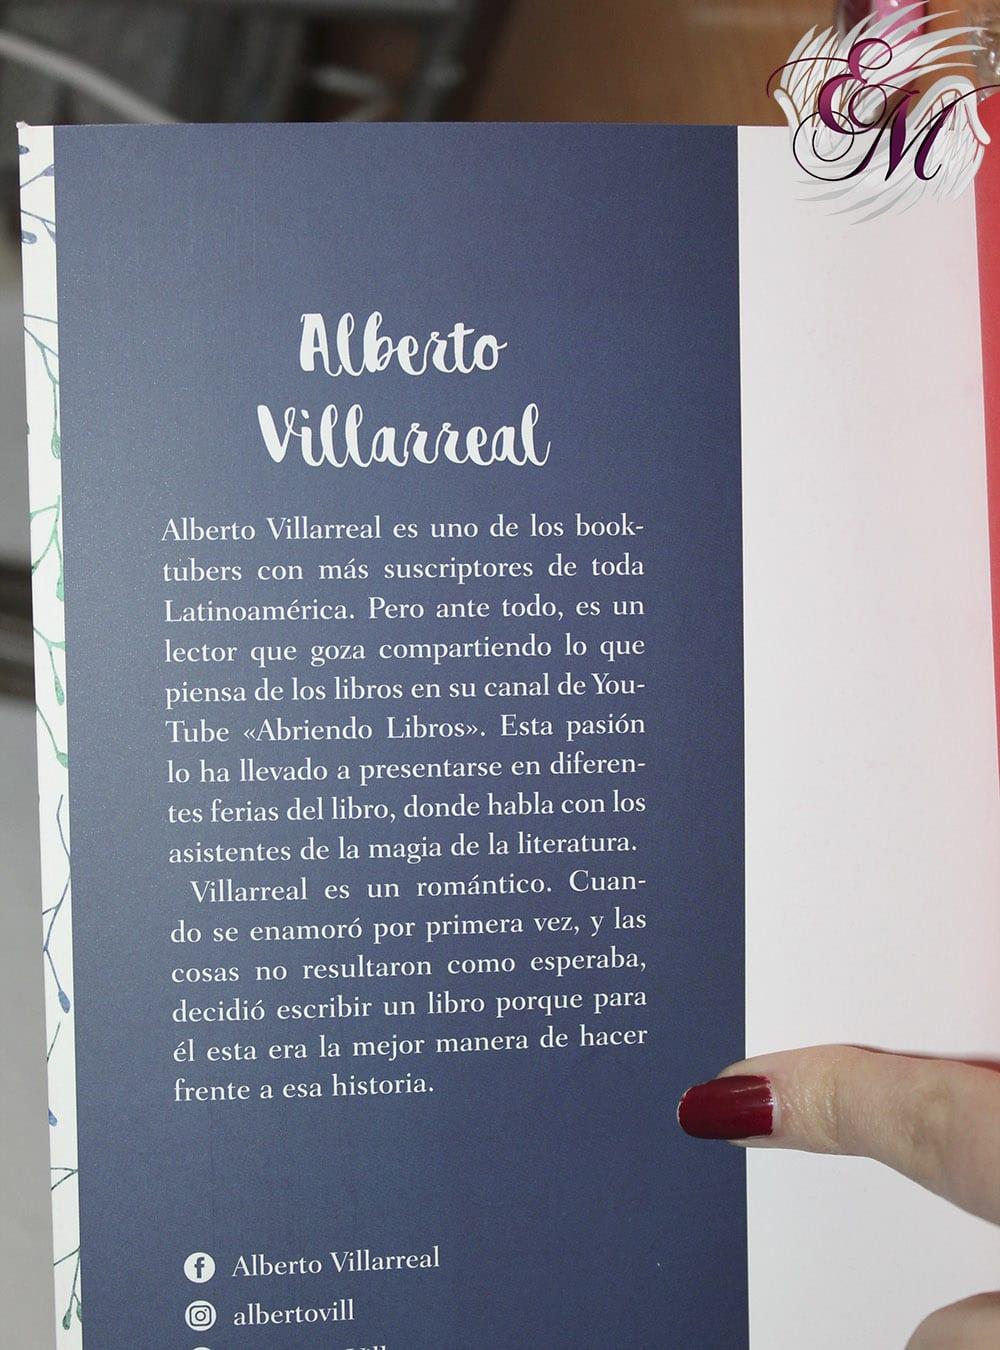 Todo lo que fuimos, de Alberto Villarreal - Reseña